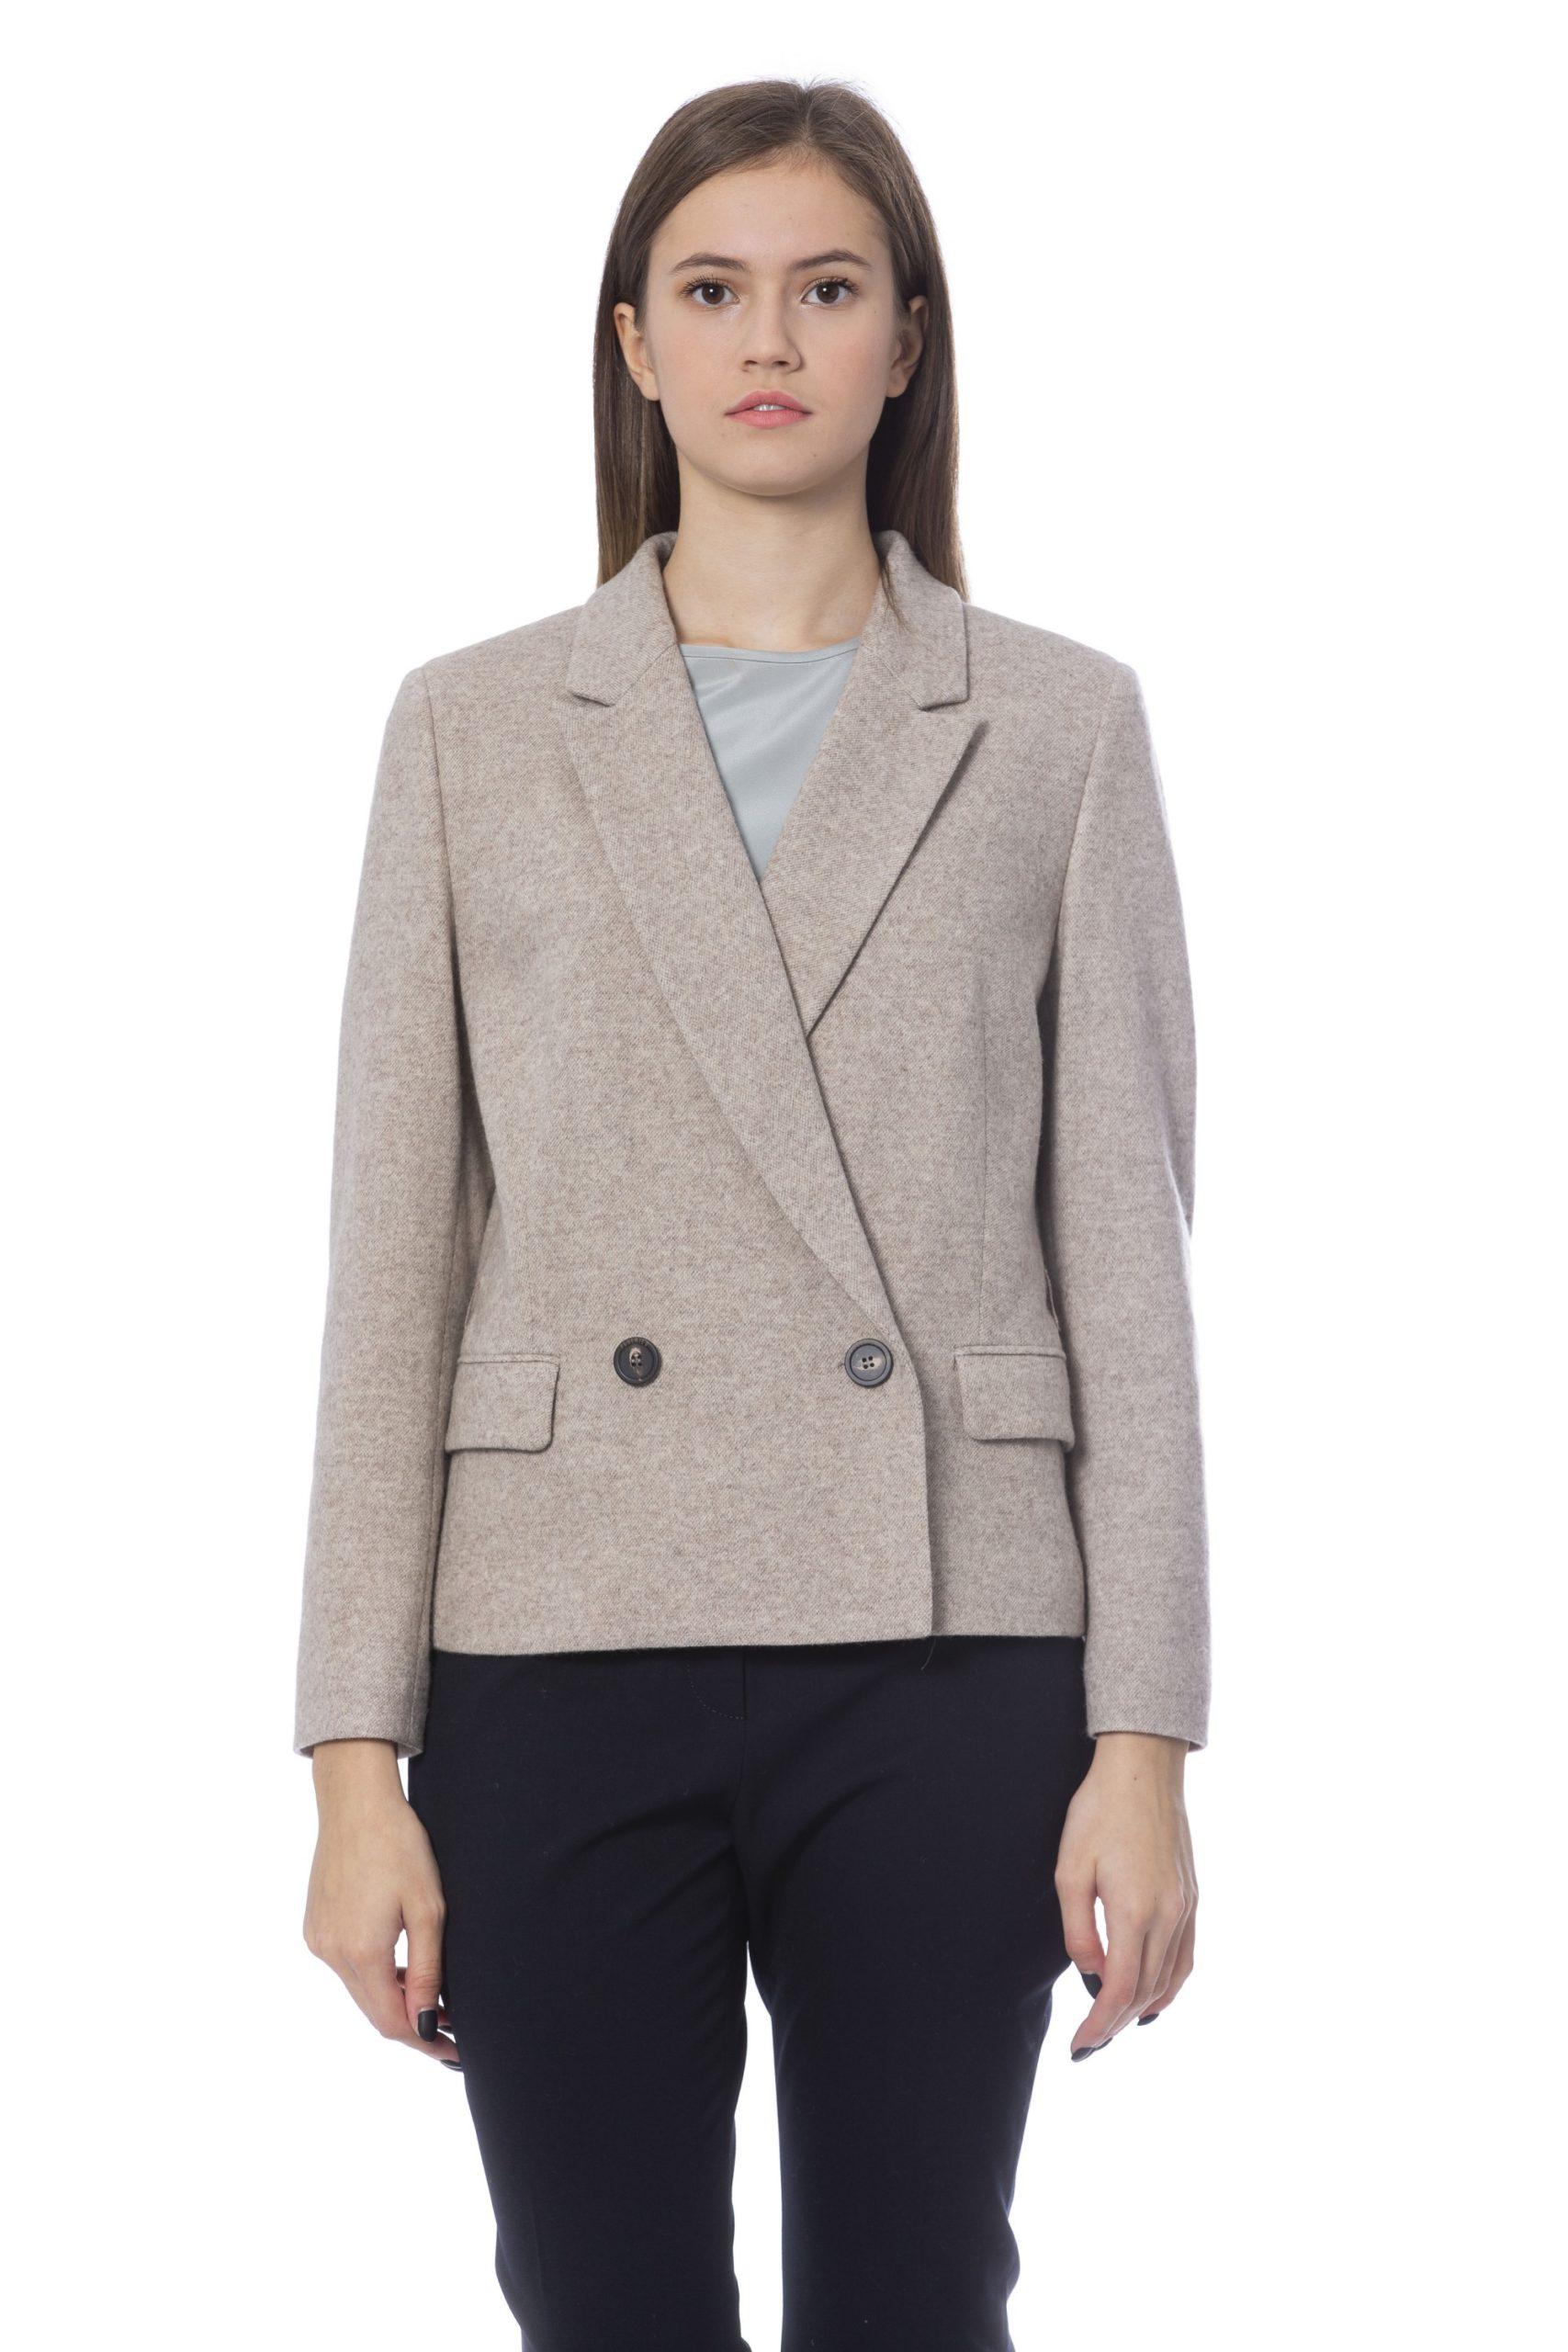 Peserico Women's Jackets Beige PE854468 - IT42 | S